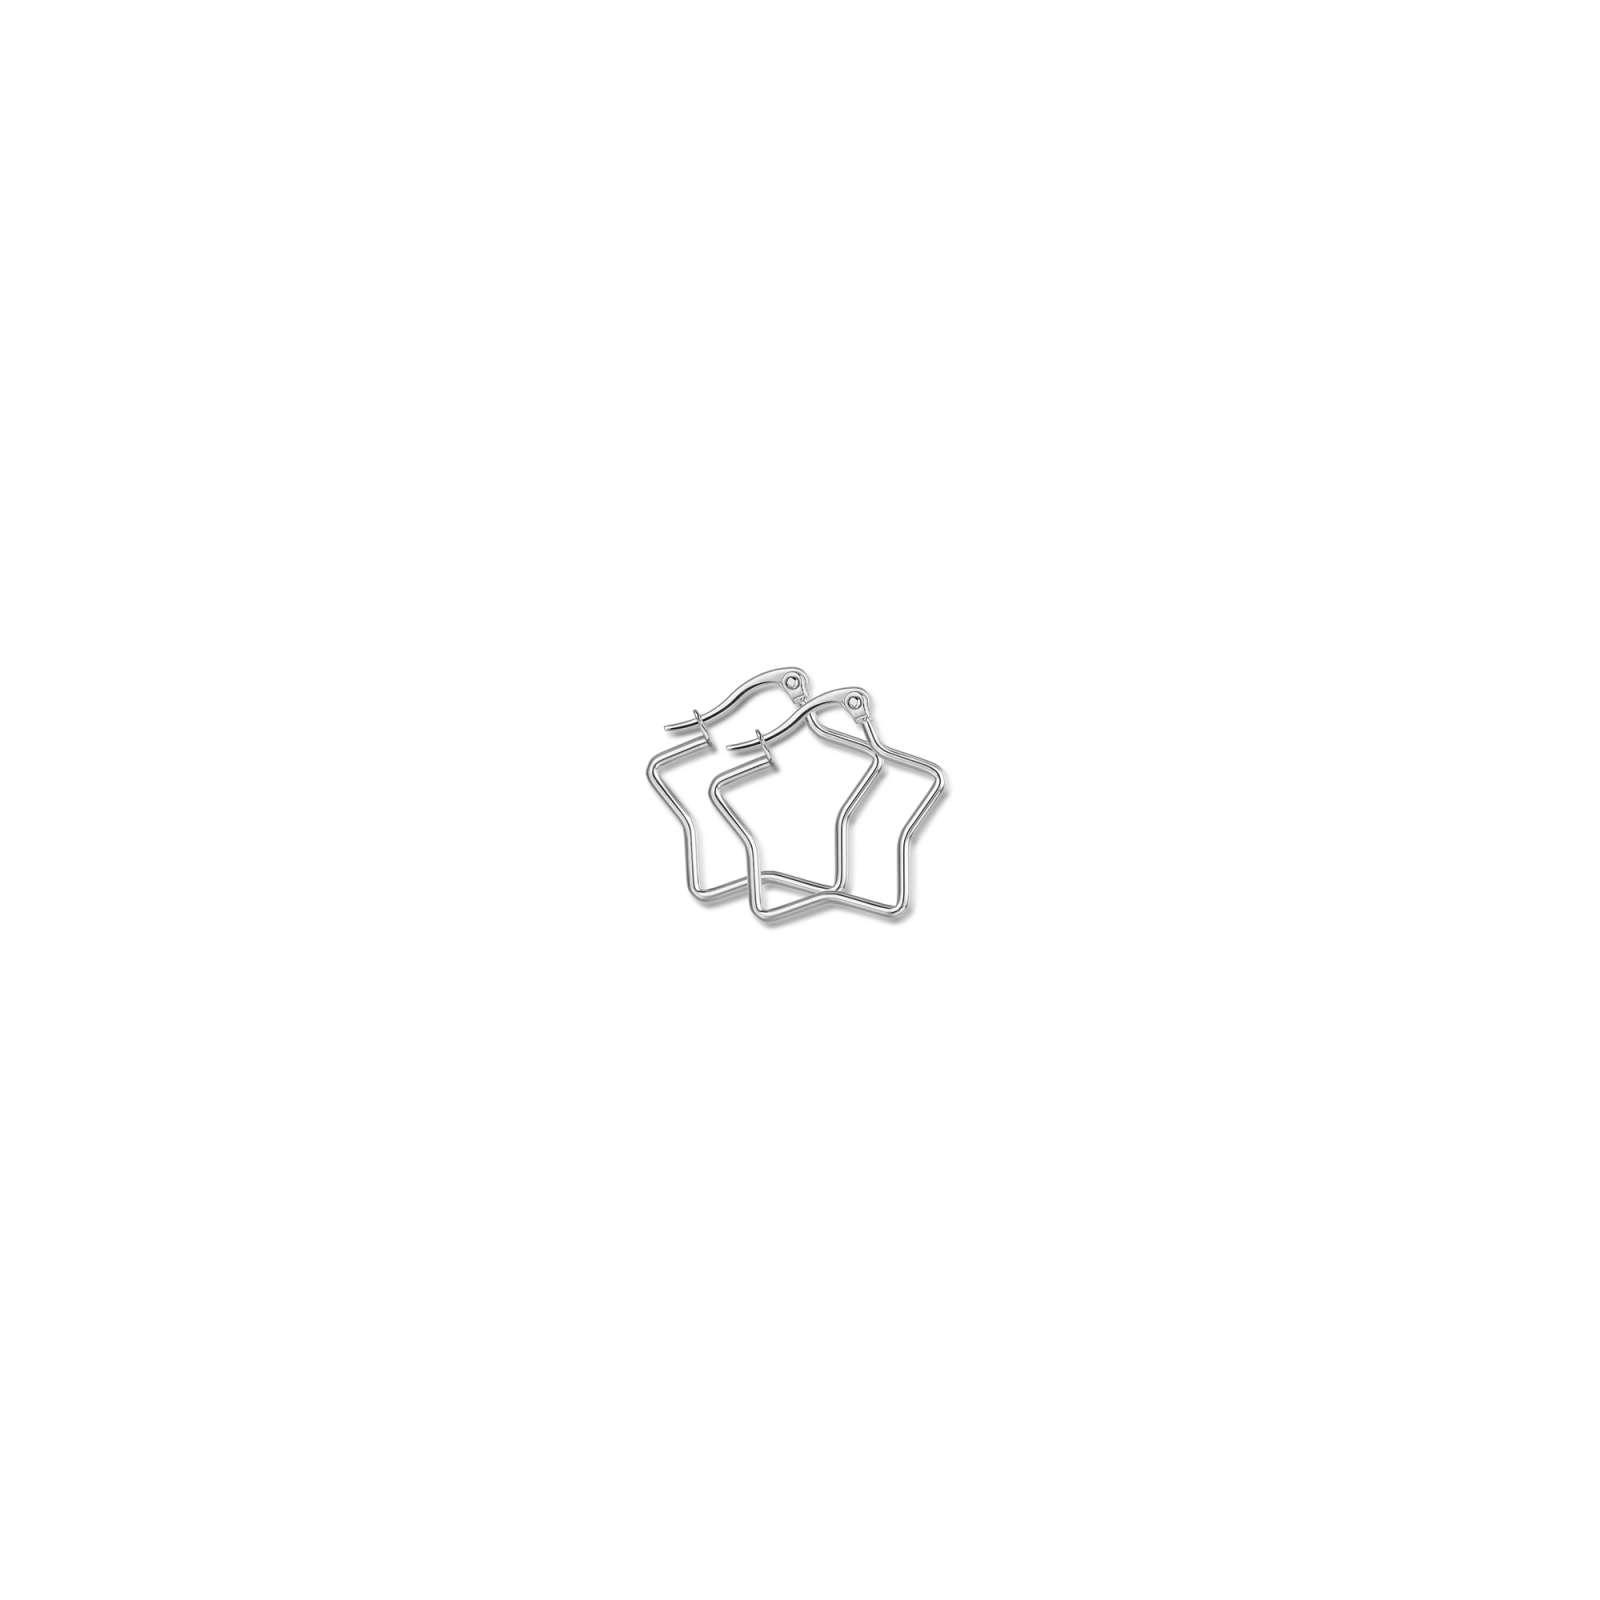 Luca Barra - Orecchini in acciaio a stella diametro 35mm